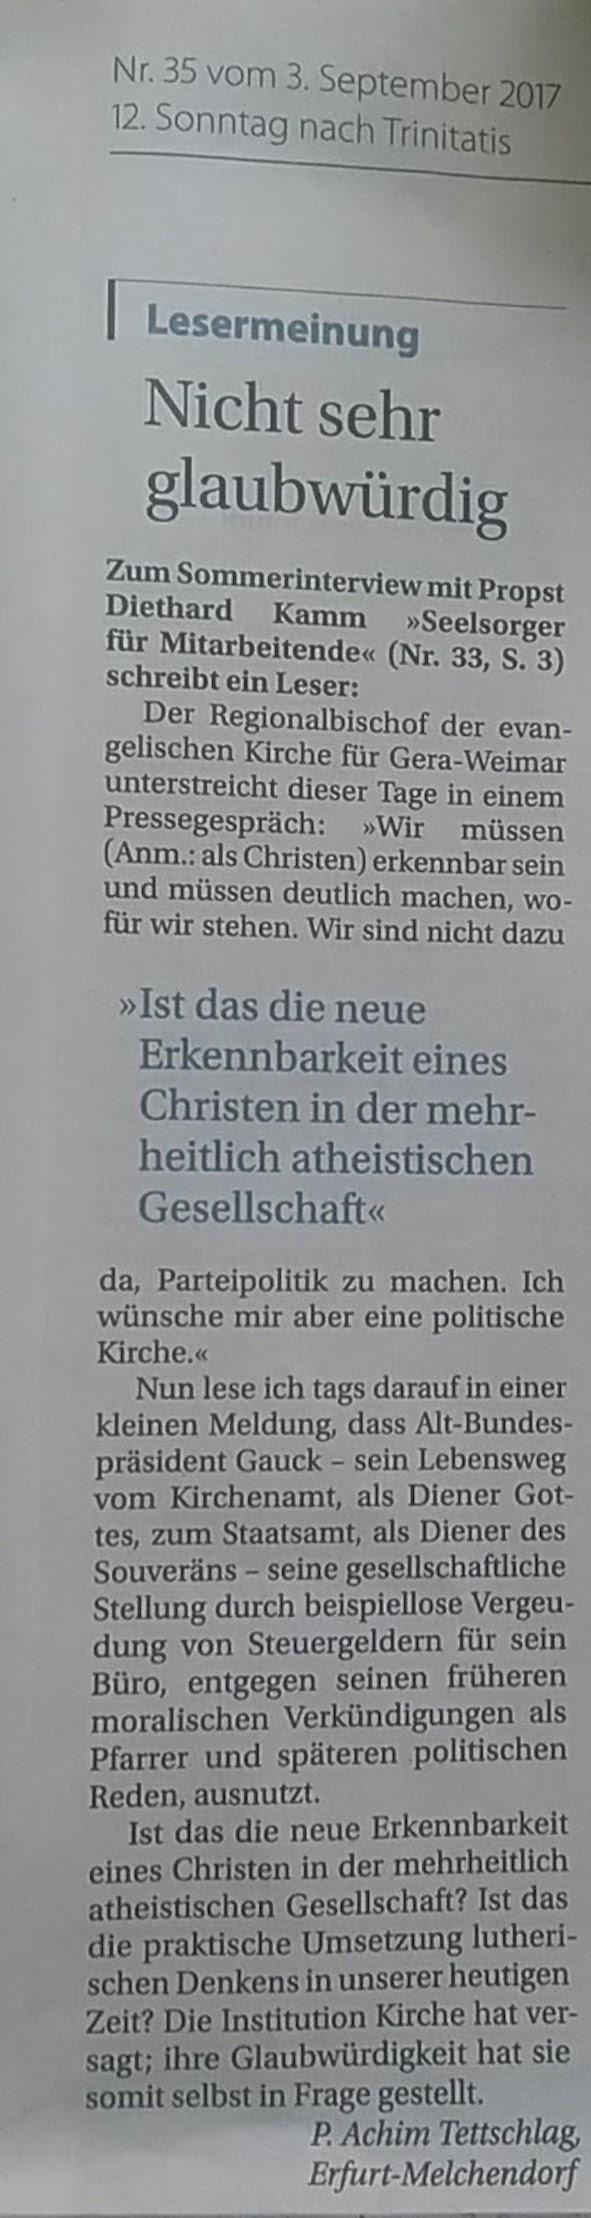 G u H 2017.08.20 Politische Kirche _2_ Blog 2017.09.06